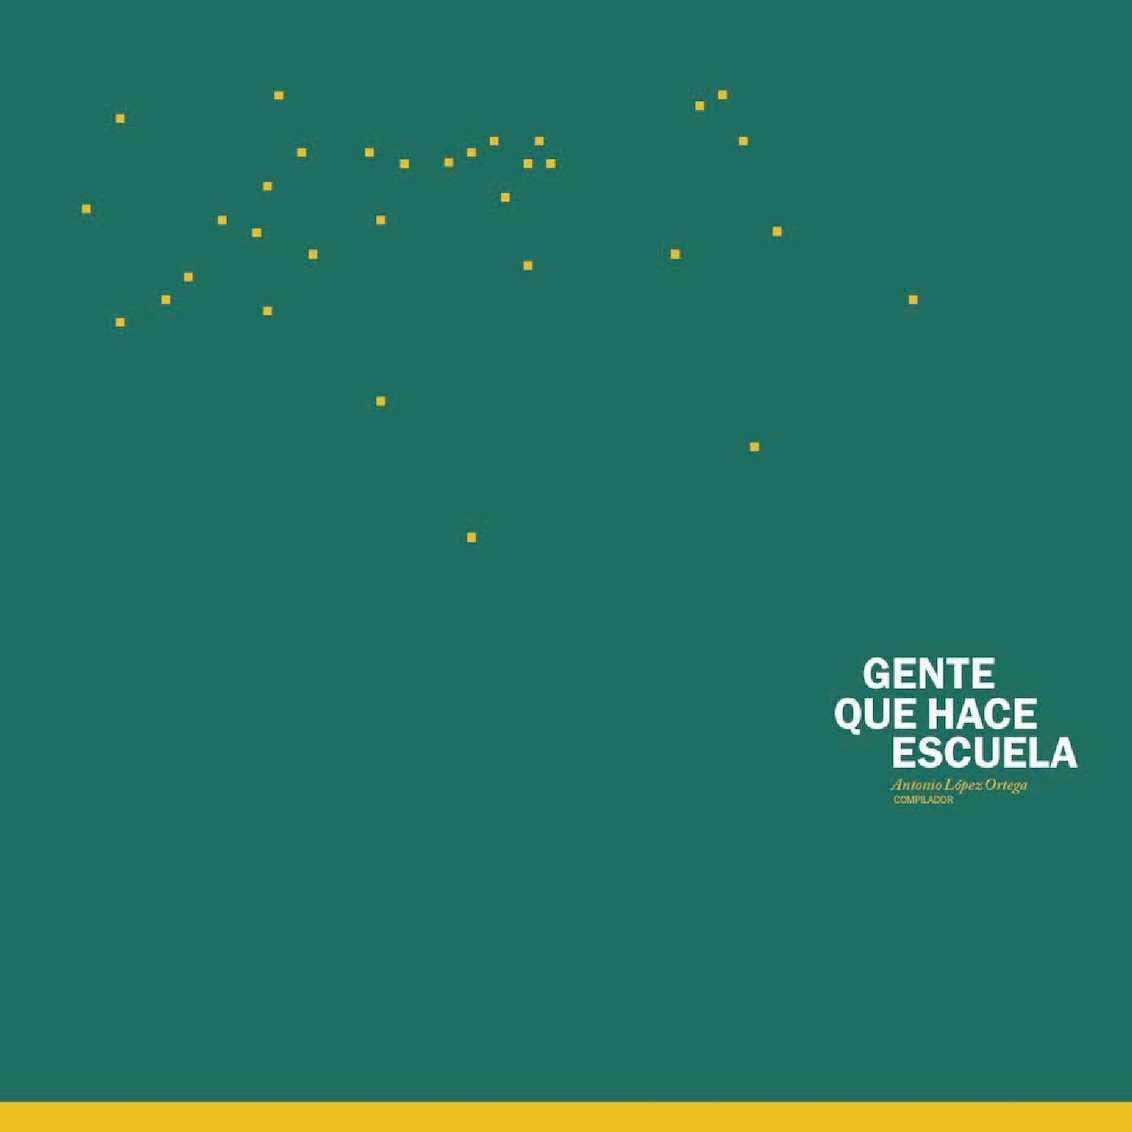 Calaméo - Banesco Libro Gente Que Hace Escuela Copia 001eba2c9a6